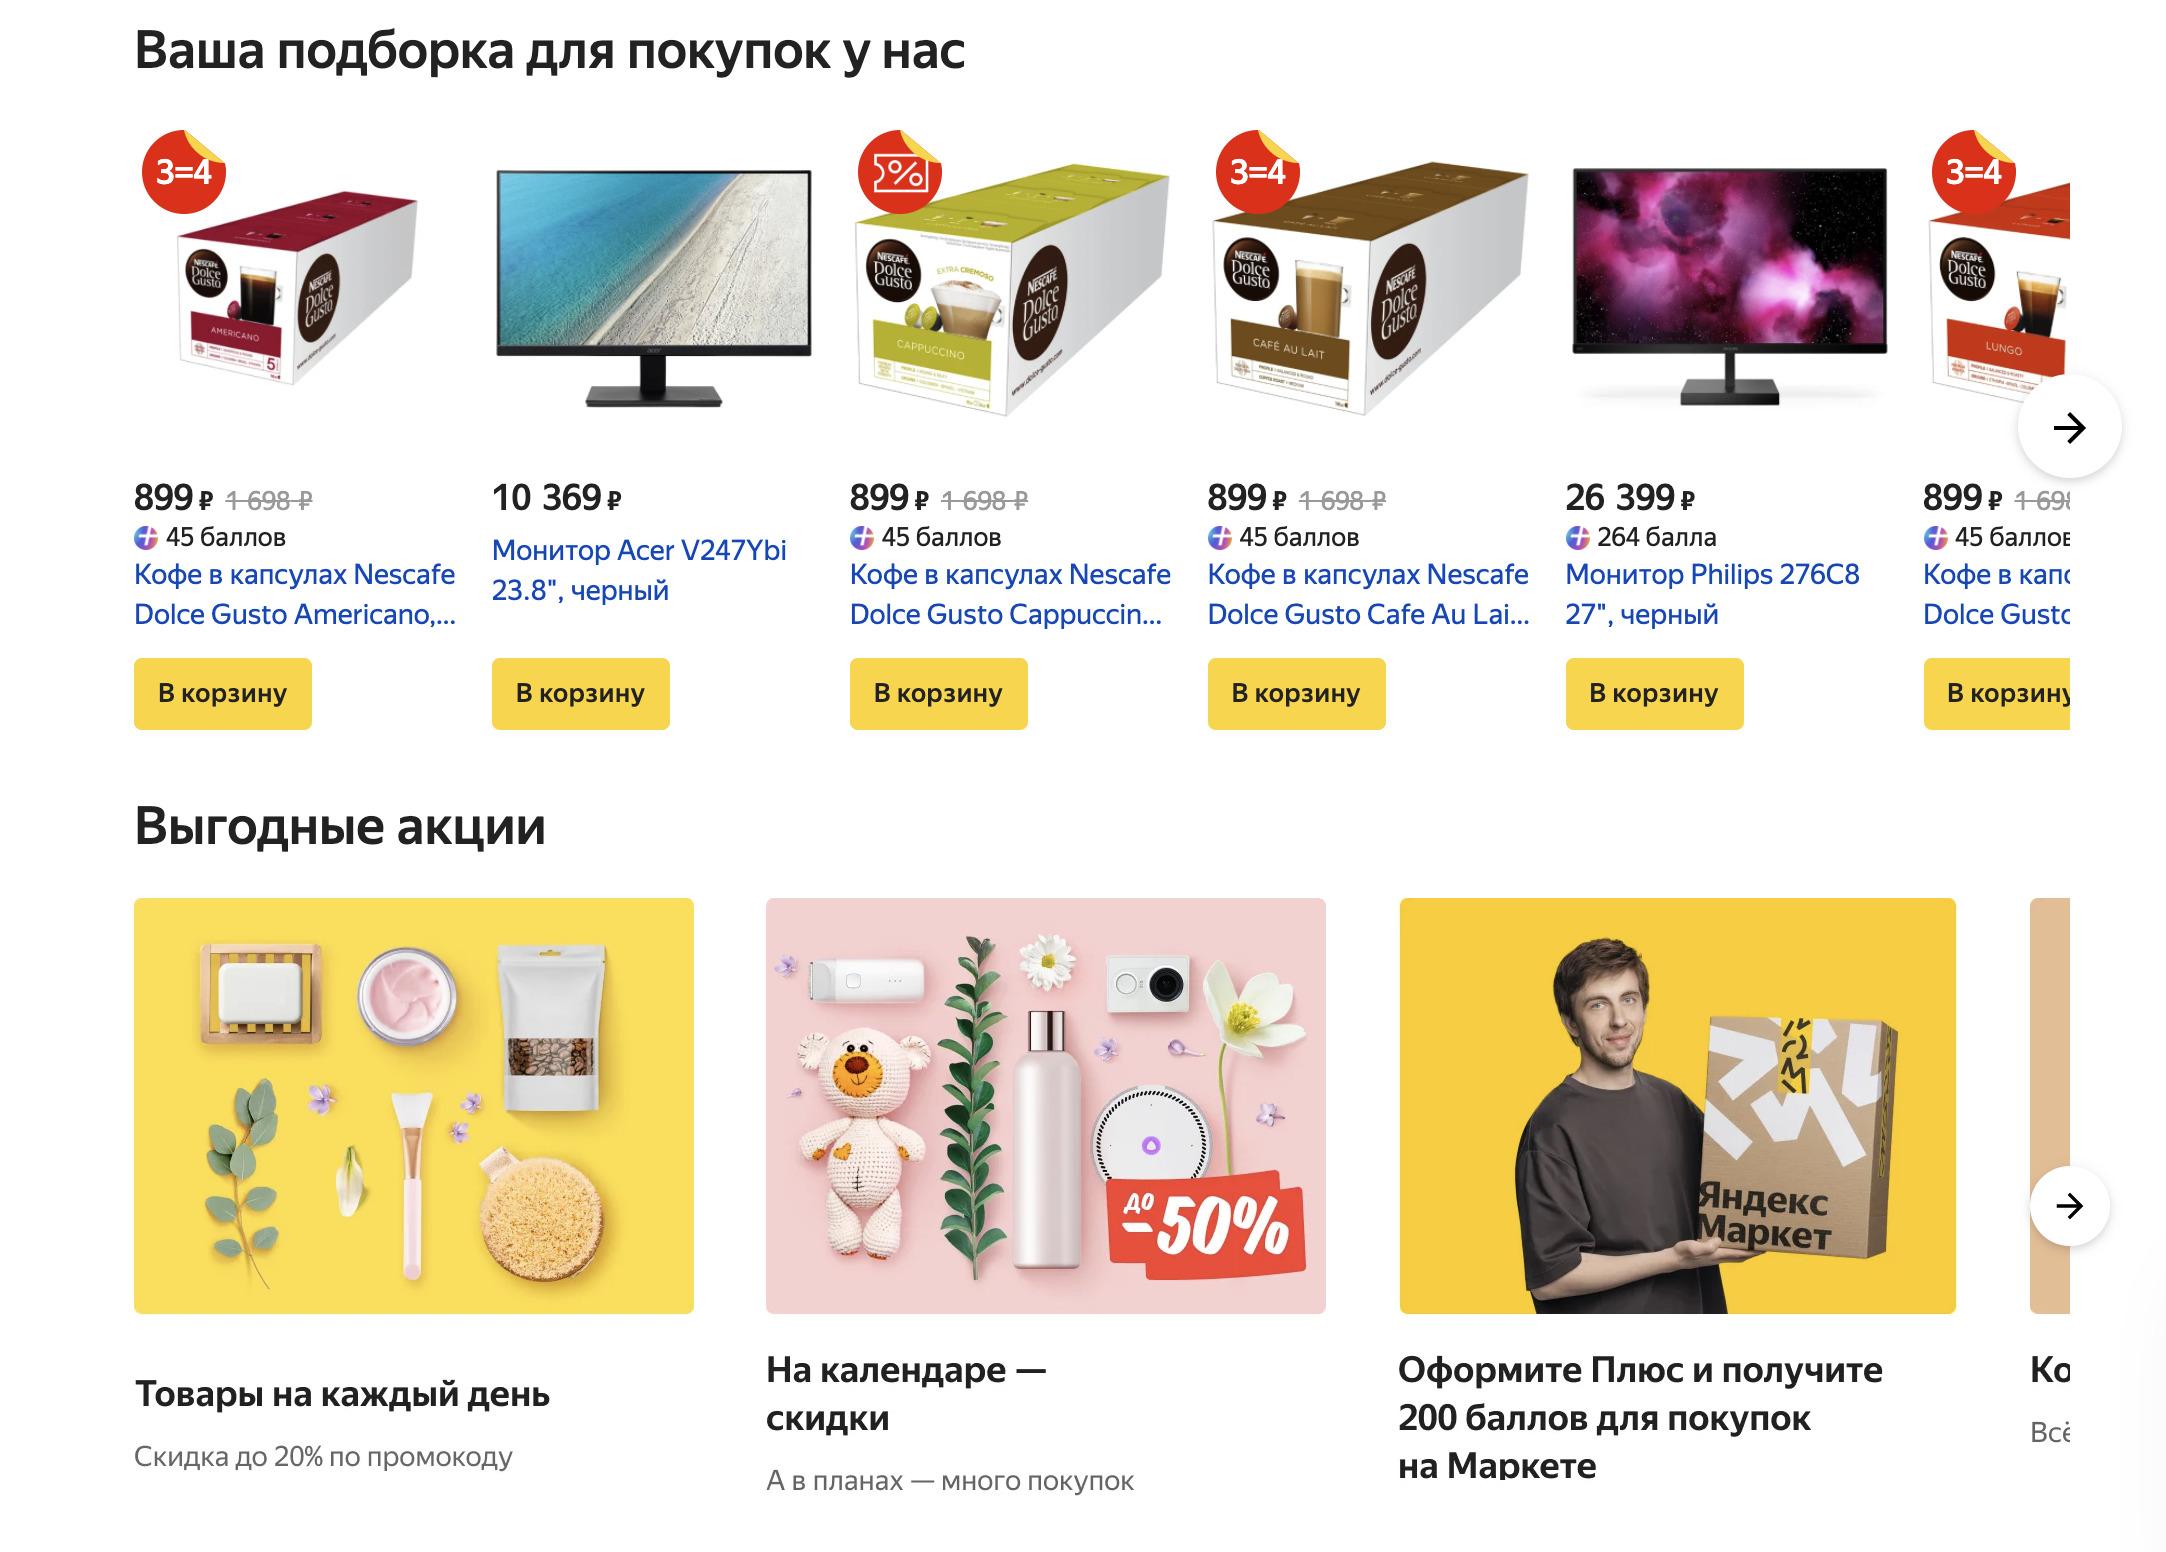 Доставка из Яндекс.Маркет в Костромскую область, сроки, пункты выдачи, каталог